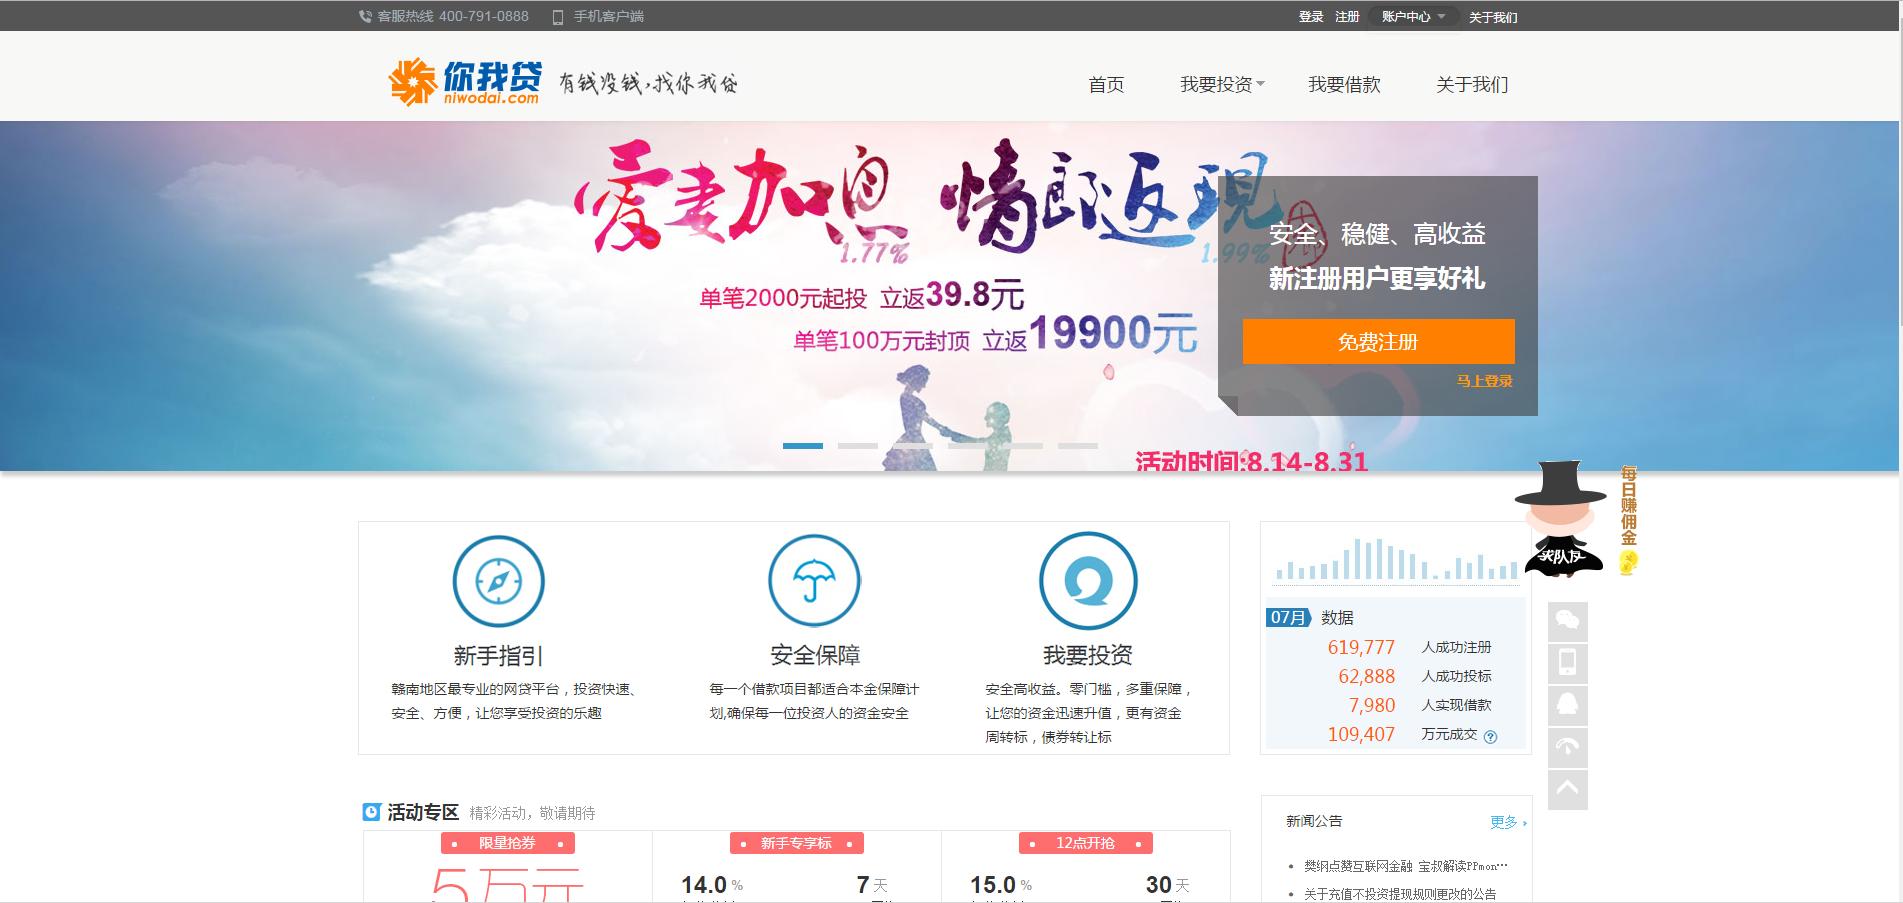 简洁宽屏的P2P金融理财平台网站模板下载